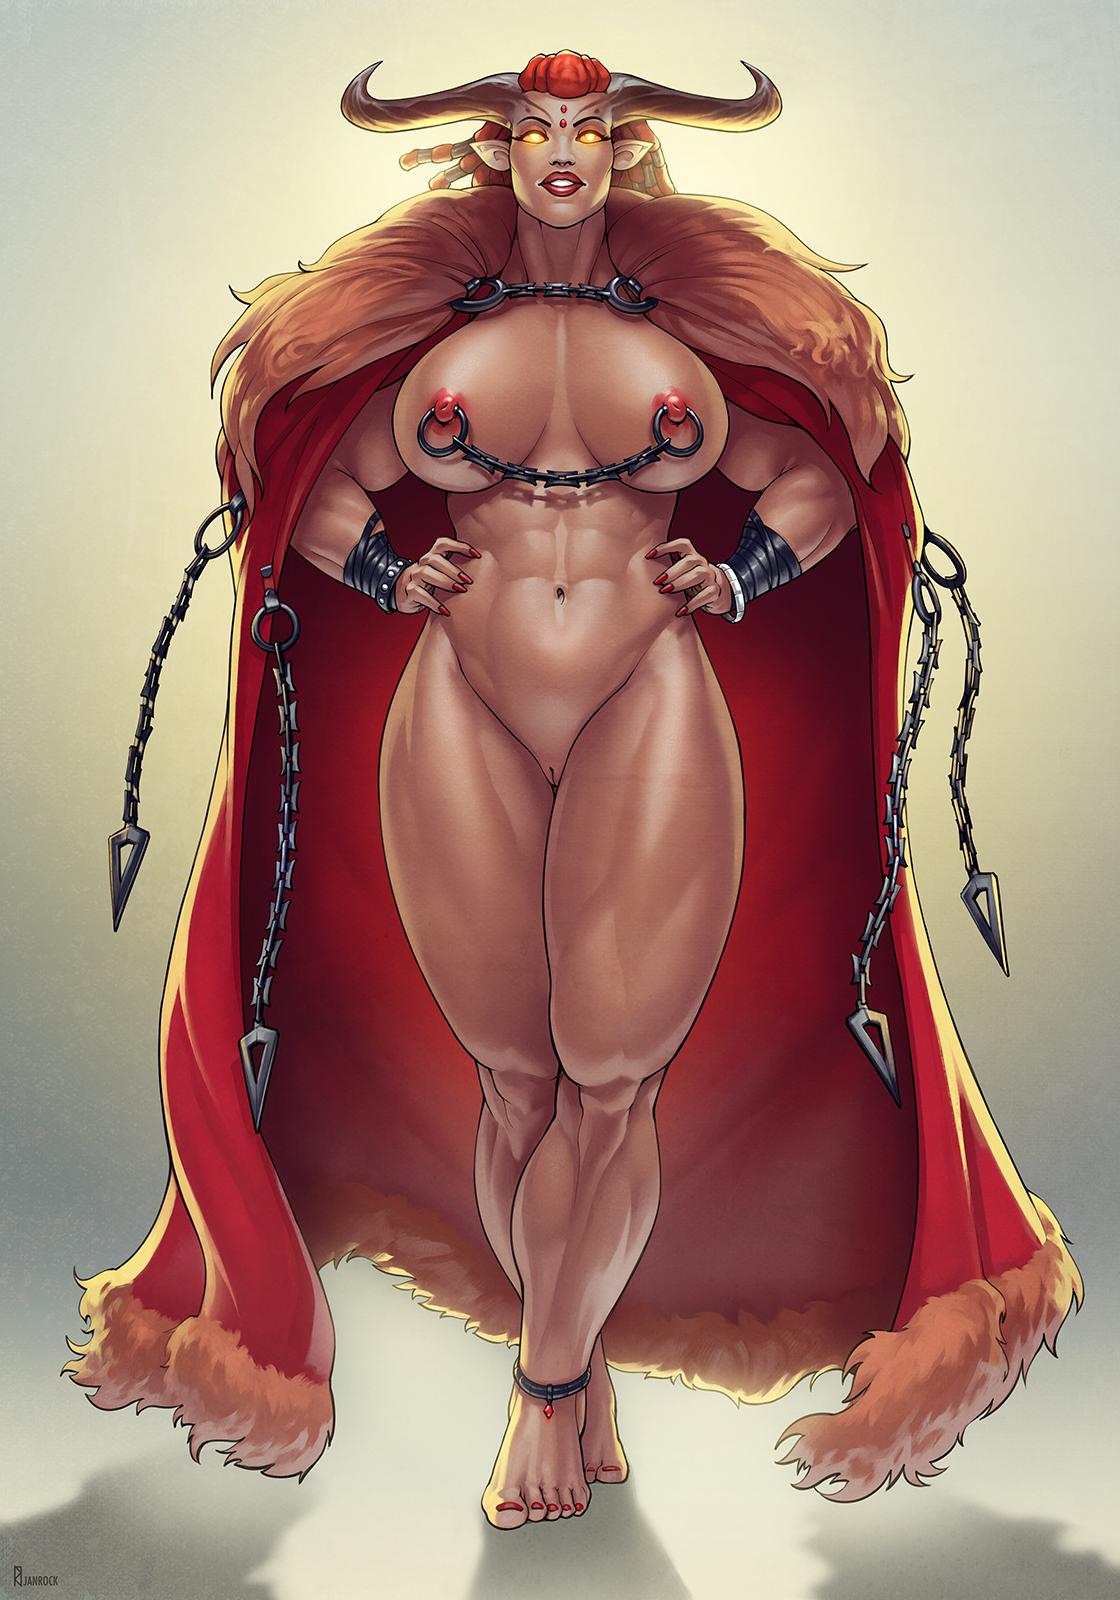 Mallea [commission]